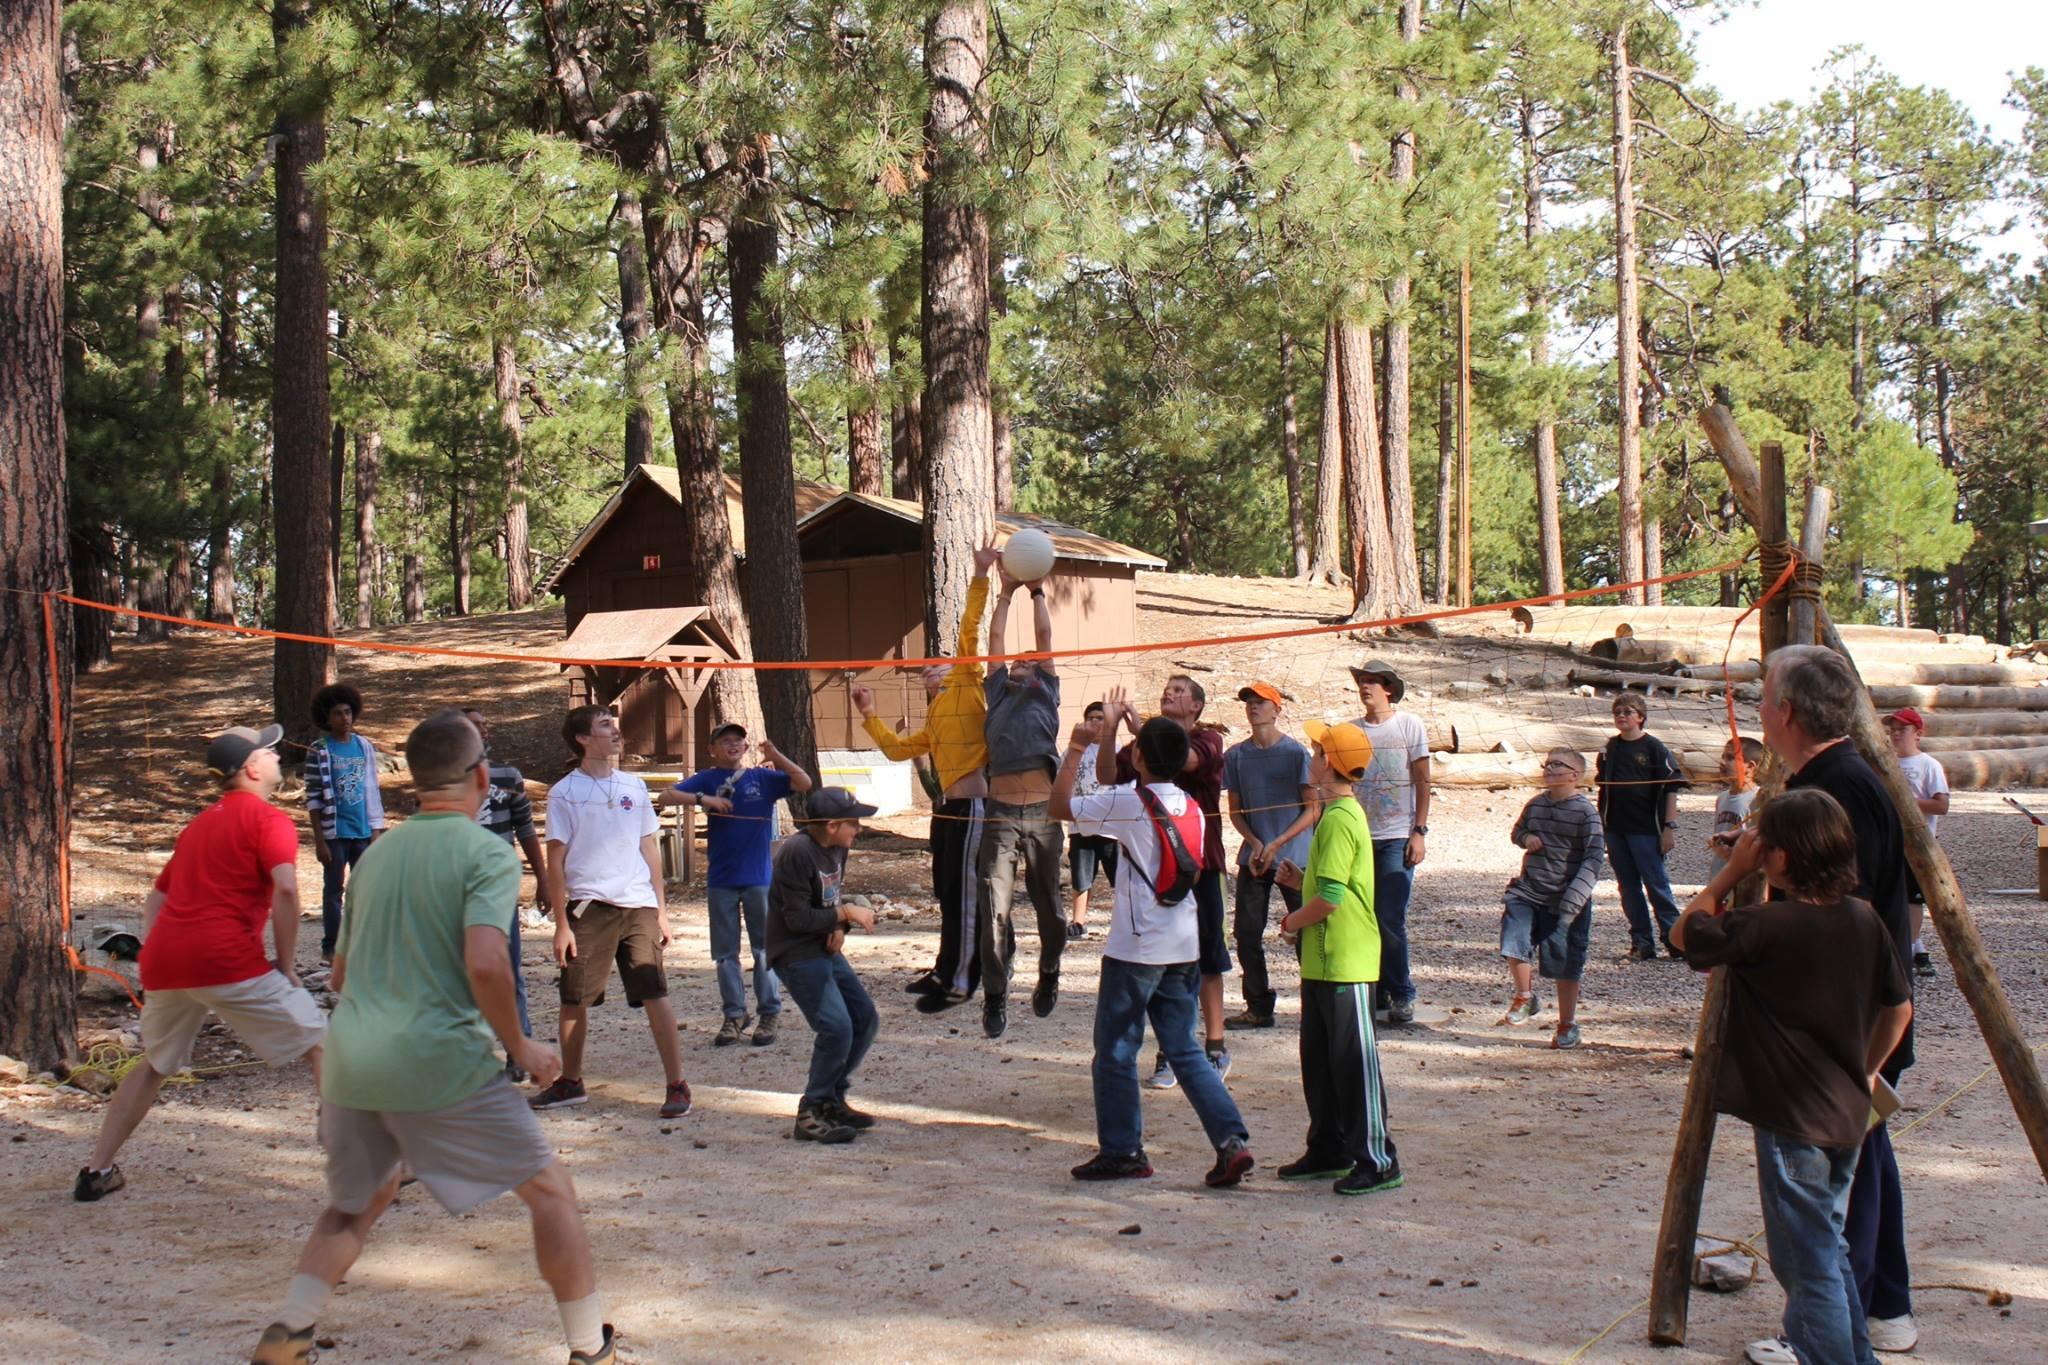 Hunting camp adds to Seminole culture at Ah-Tah-Thi-Ki